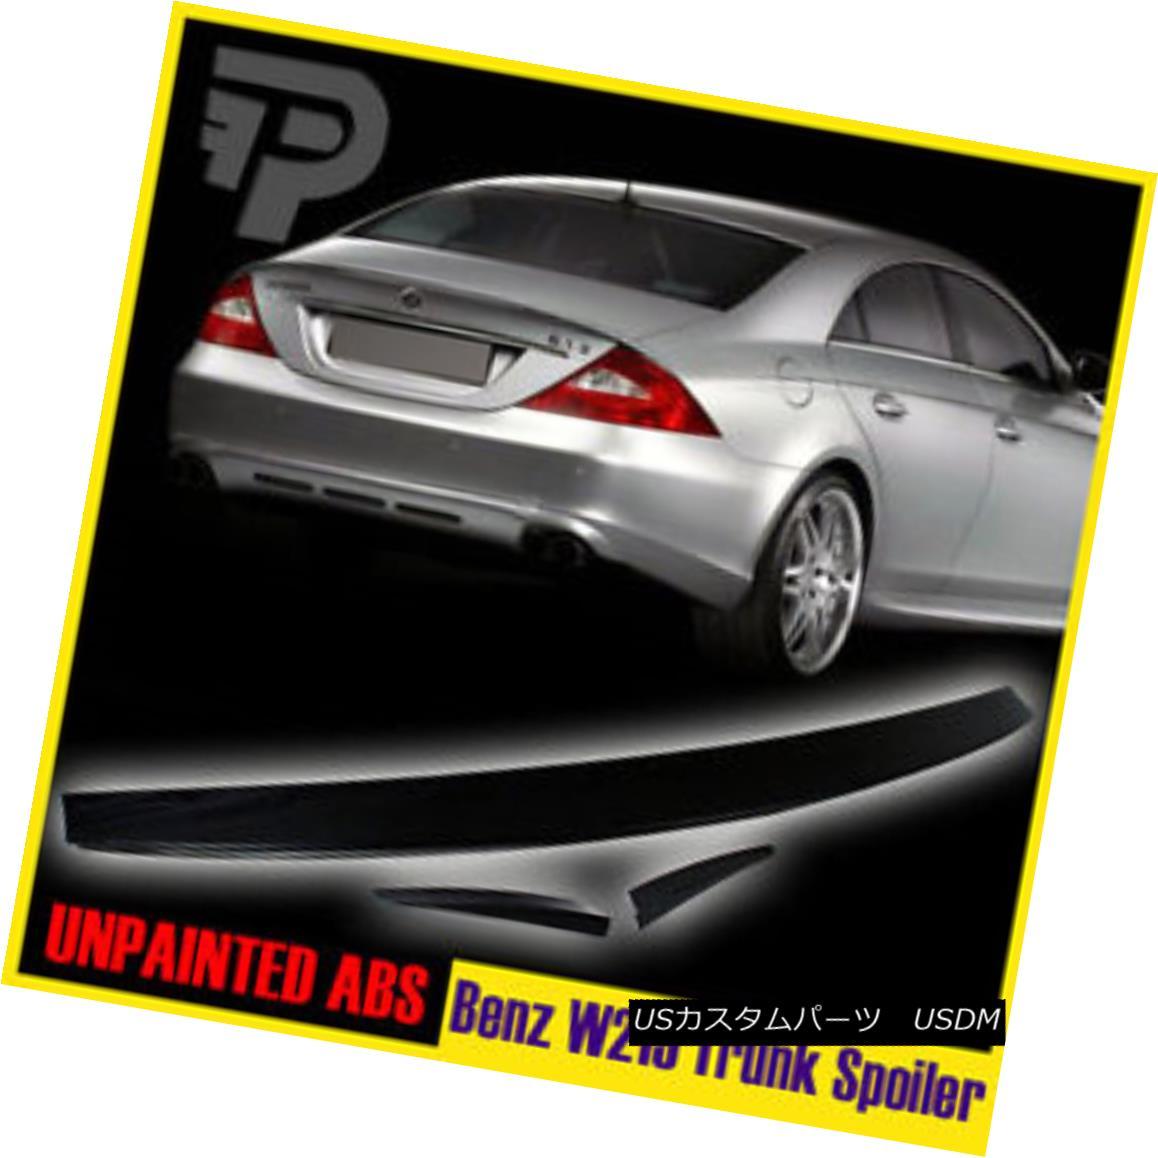 エアロパーツ Unpainted 2010 Mercedes-Benz CLS-Class W219 Sedan B Look Rear Wing Trunk Spoiler 未塗装2010年メルセデス・ベンツCLSクラスW219セダンBルック・ウイング・トランク・スポイラー